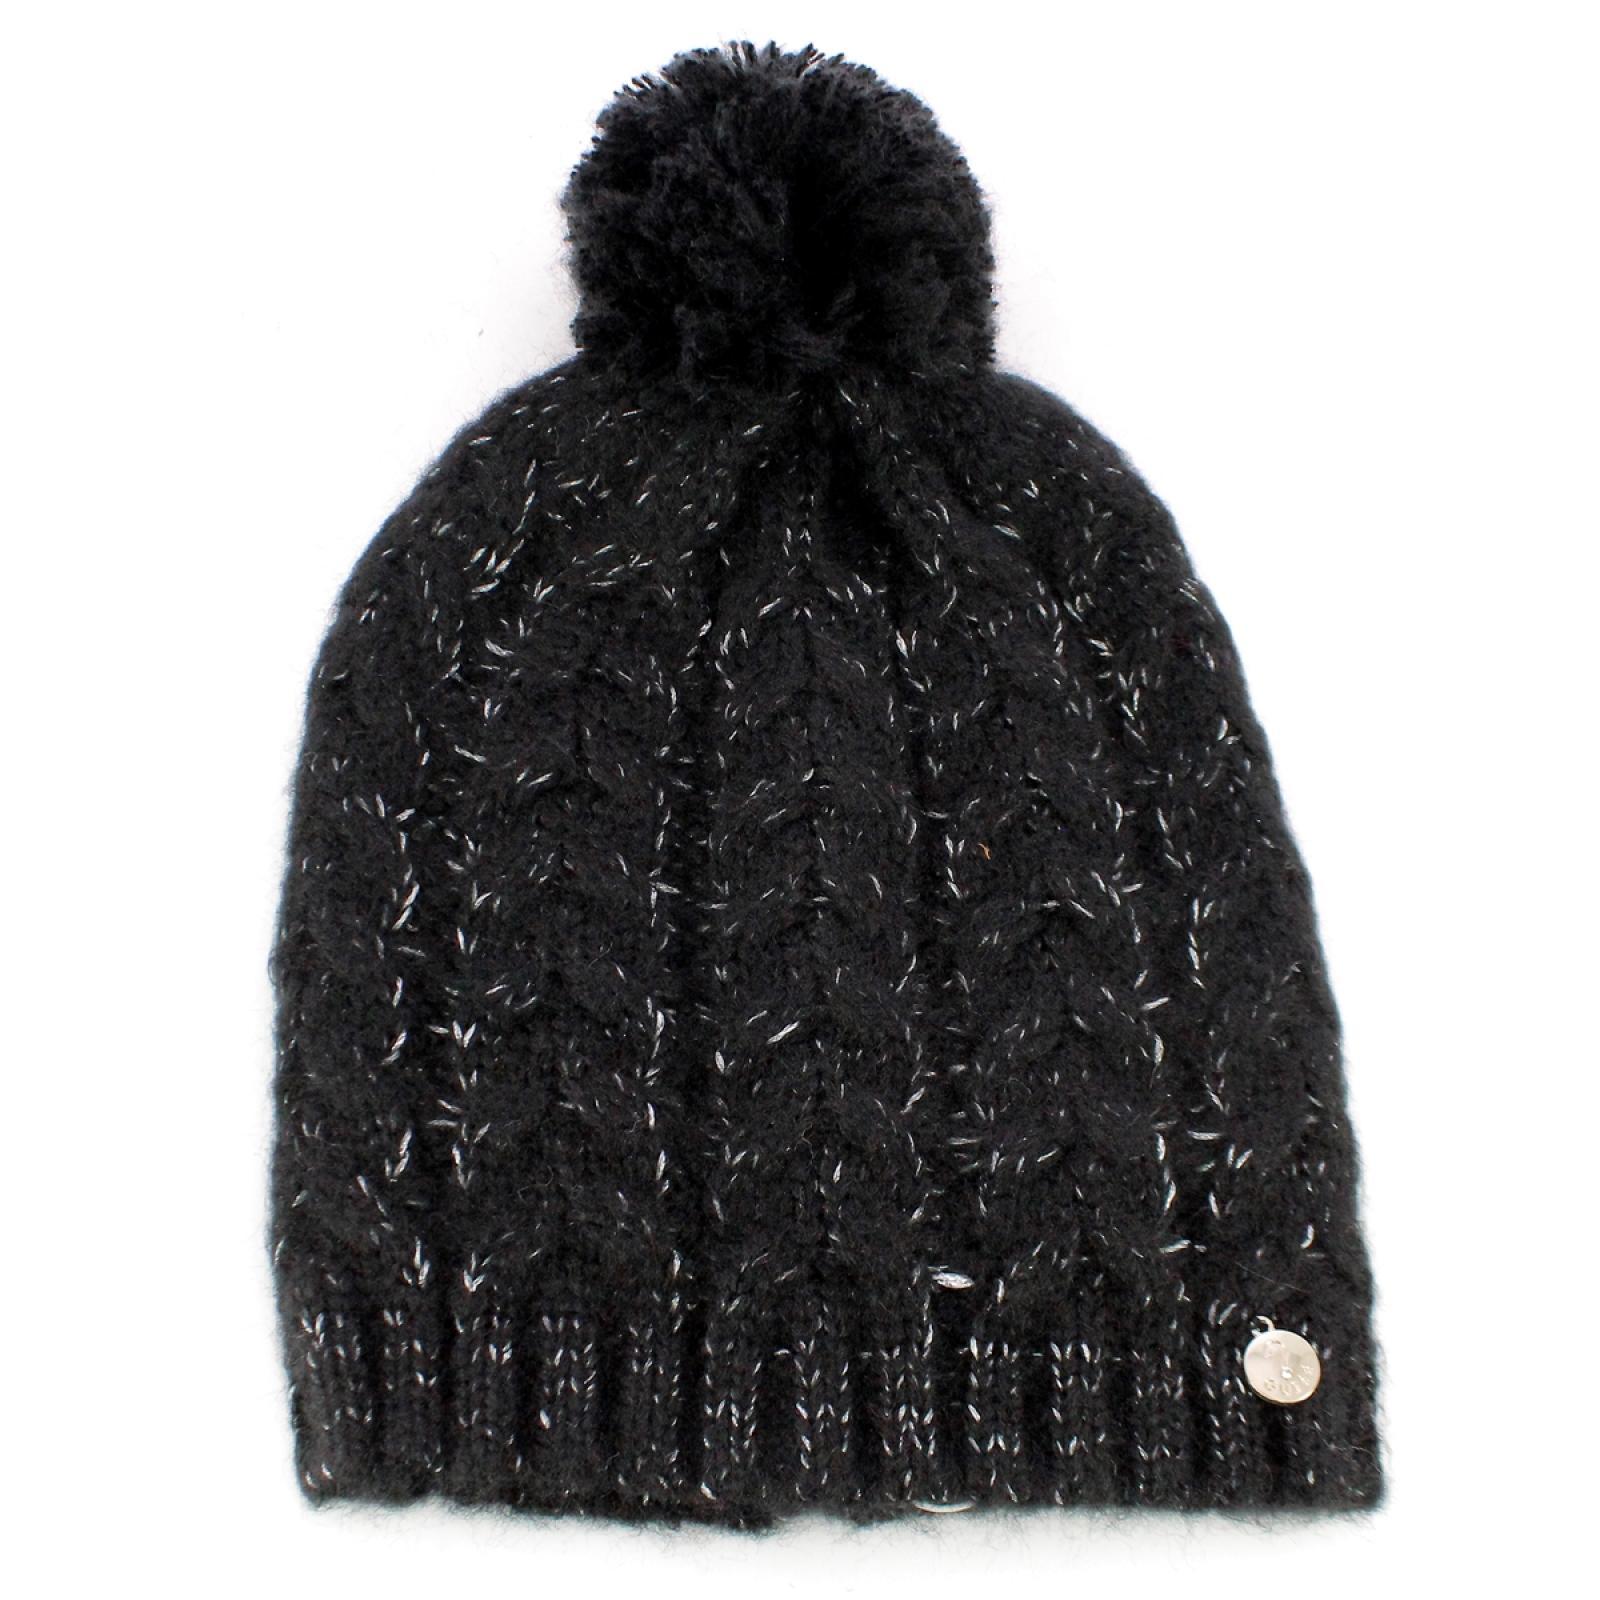 Guess Cappello in lana a maglia - 1